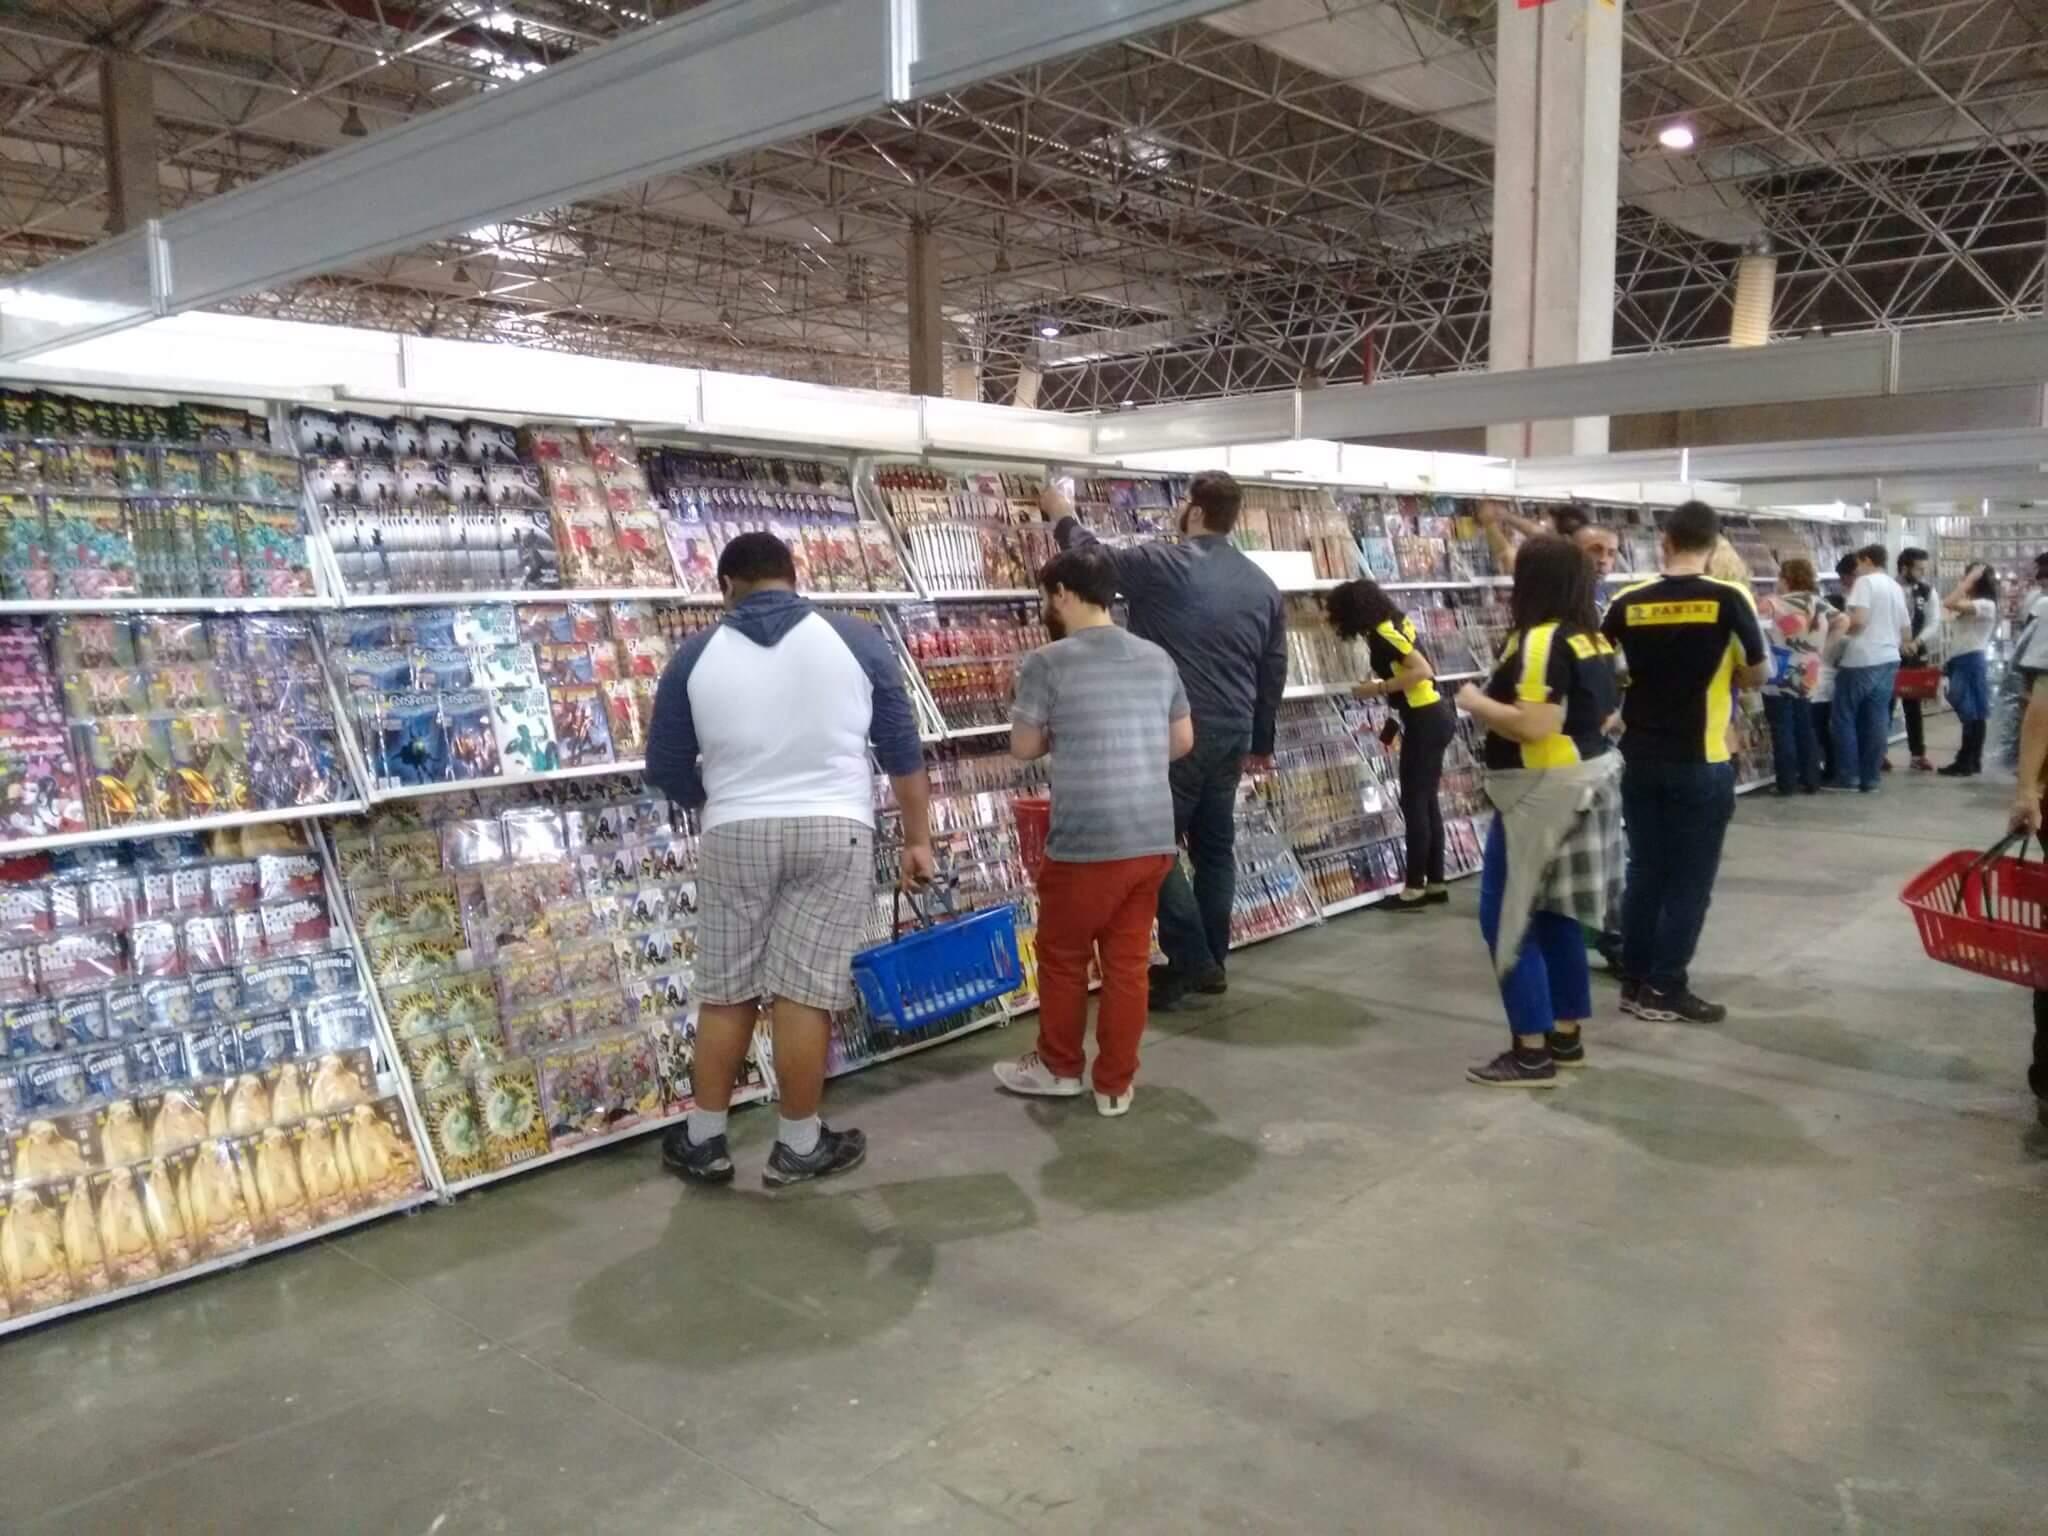 2015 07 17 13 53 25 - Começa a 21ª Fest Comix para os fãs de quadrinhos e mangás